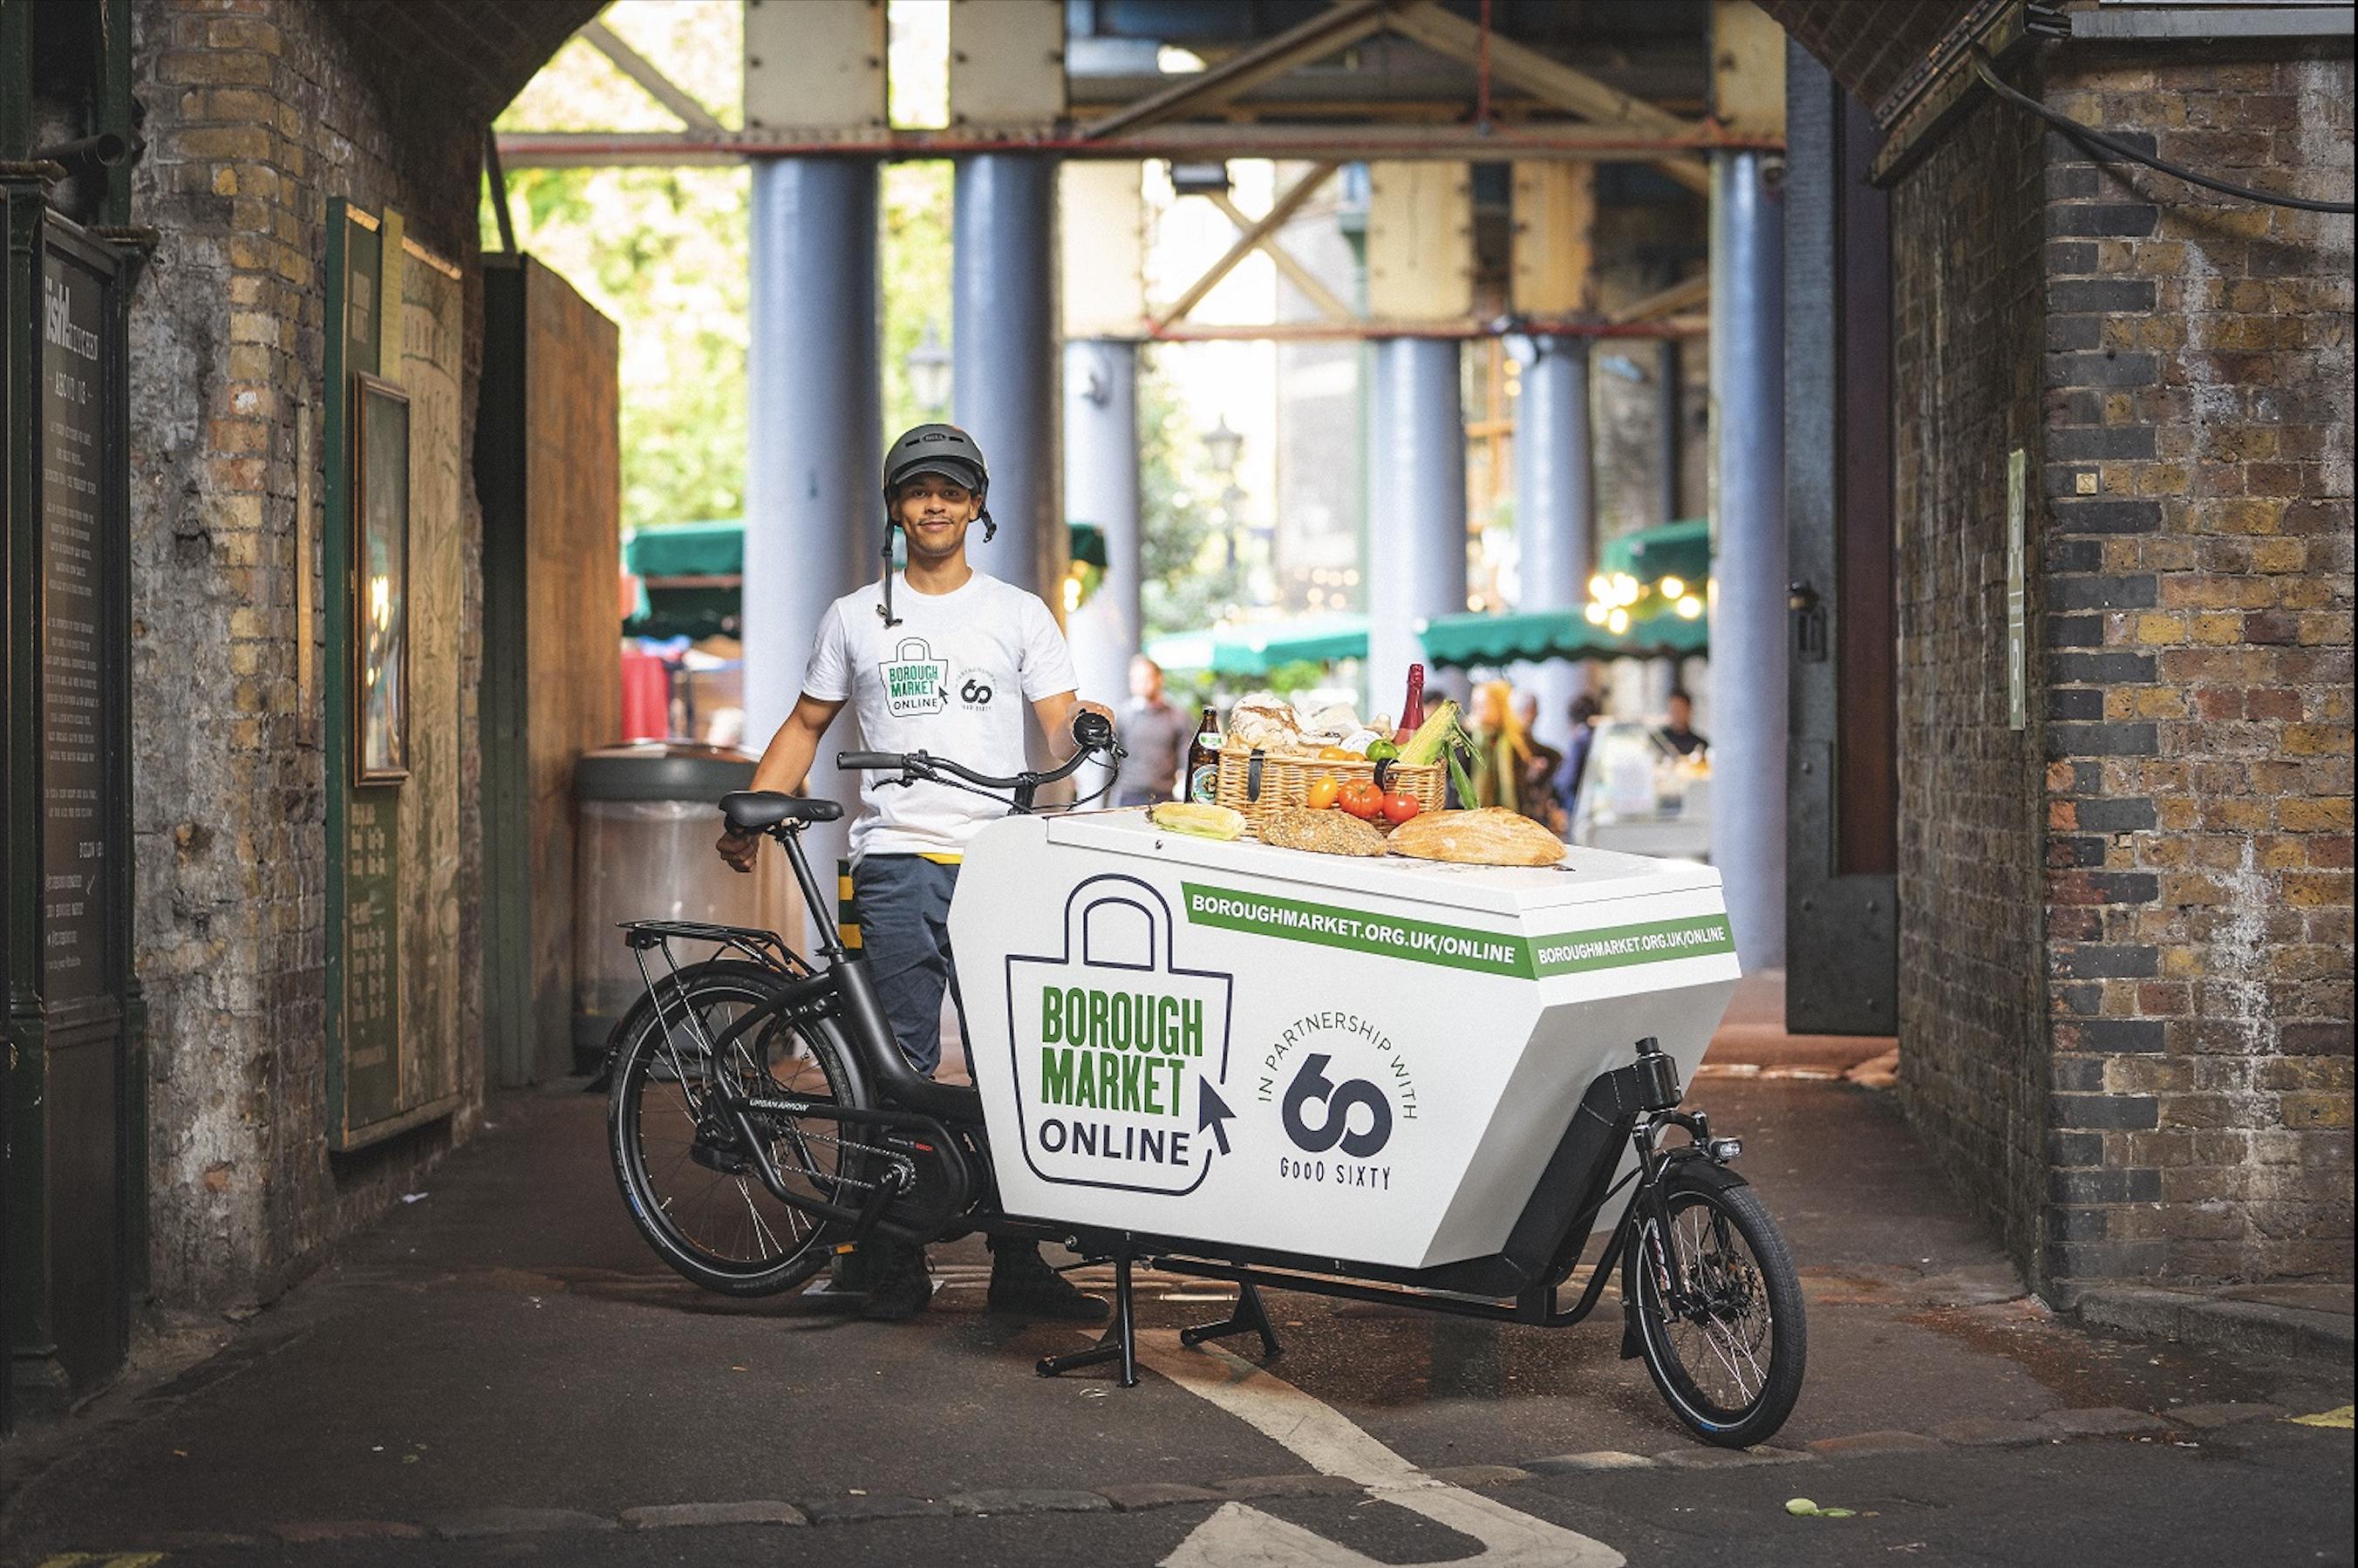 Borough Market Bike Delivery